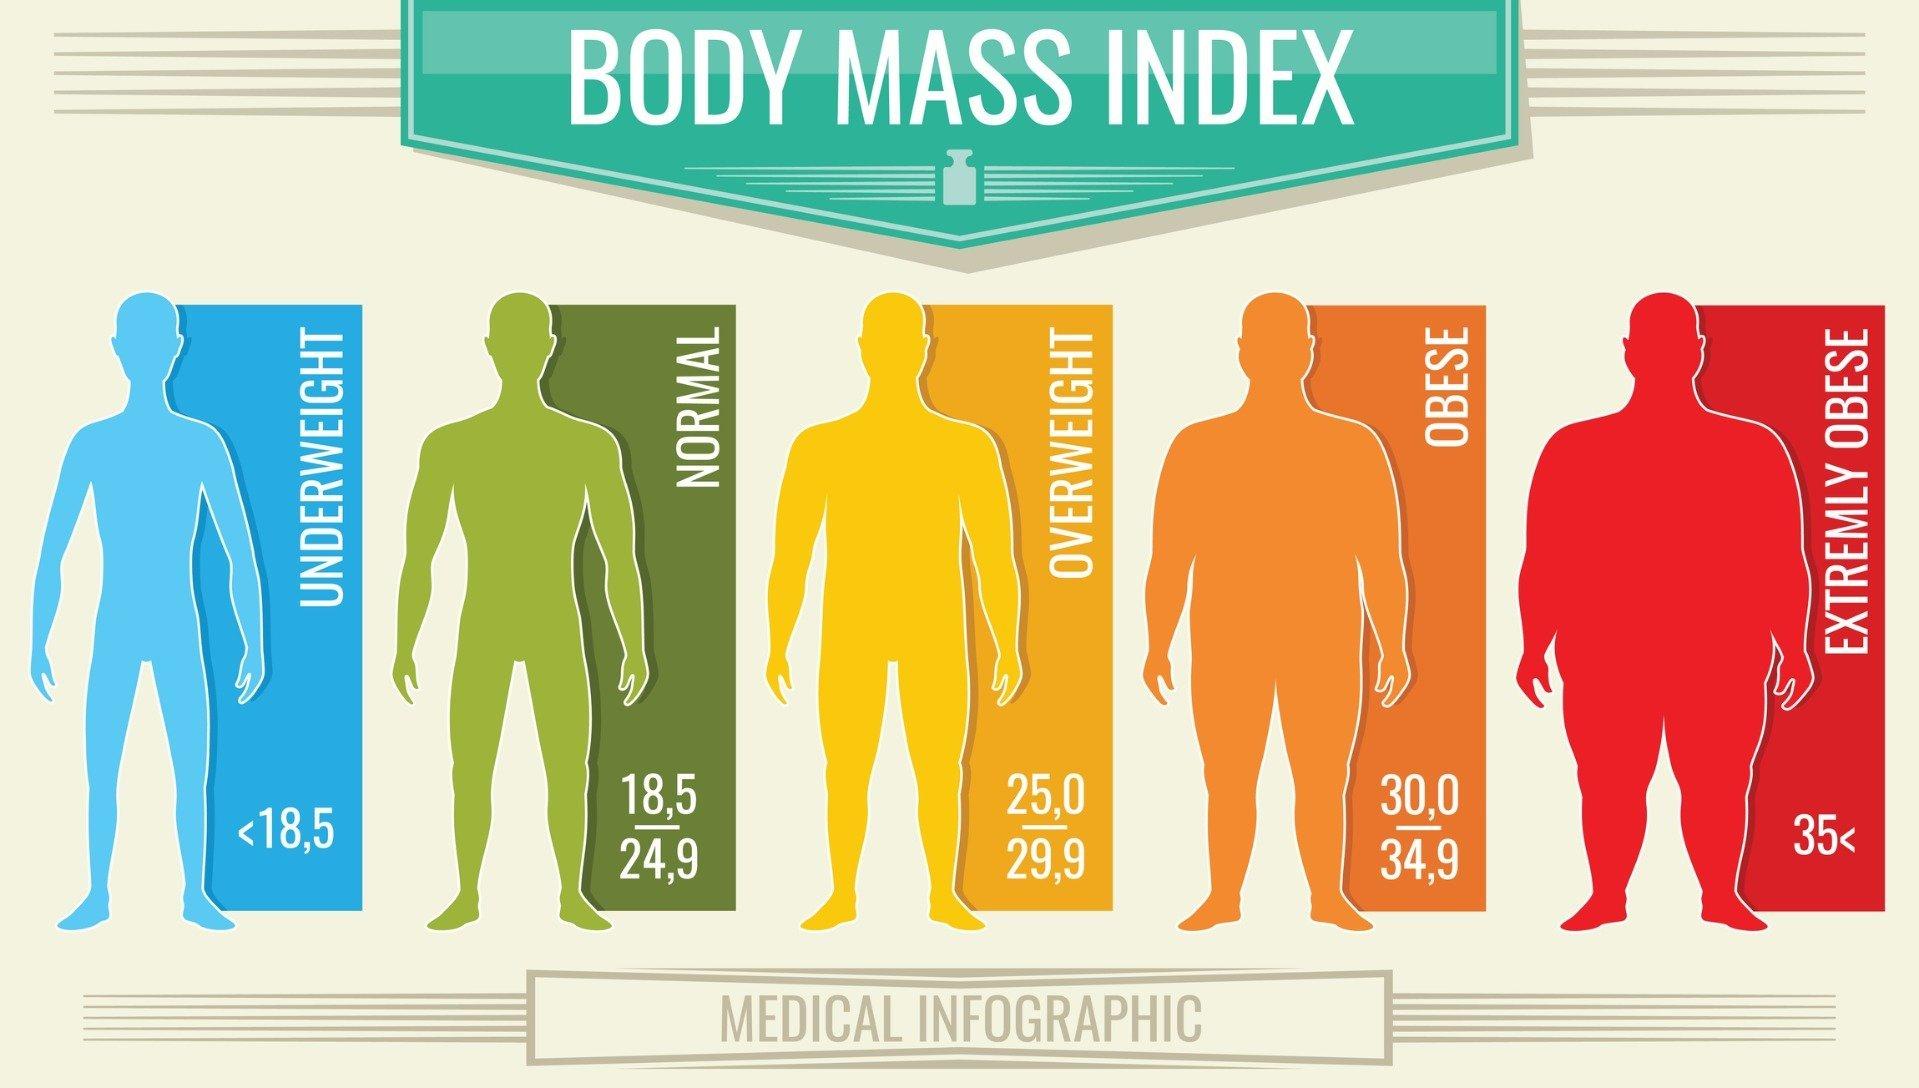 Što je BMI, kako izračunati BMI i što to znači?